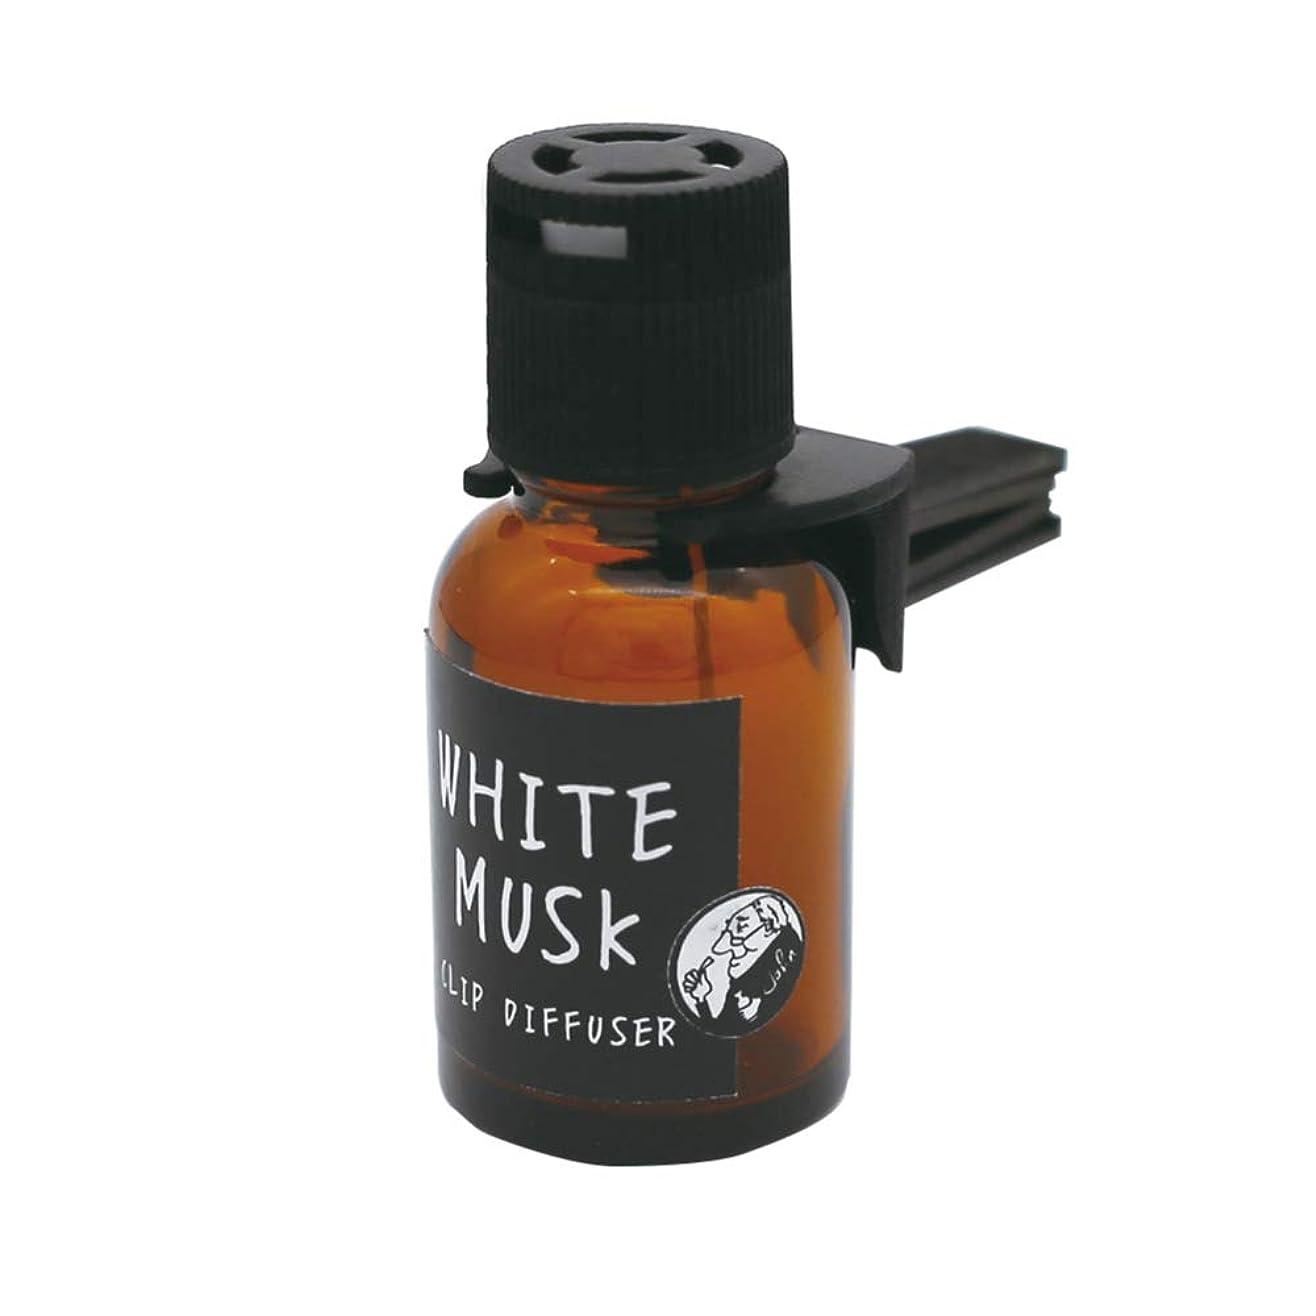 人事夫婦プラスチックノルコーポレーション 車用 芳香剤 ジョンズブレンド クリップディフューザー ホワイトムスクの香り 18ml